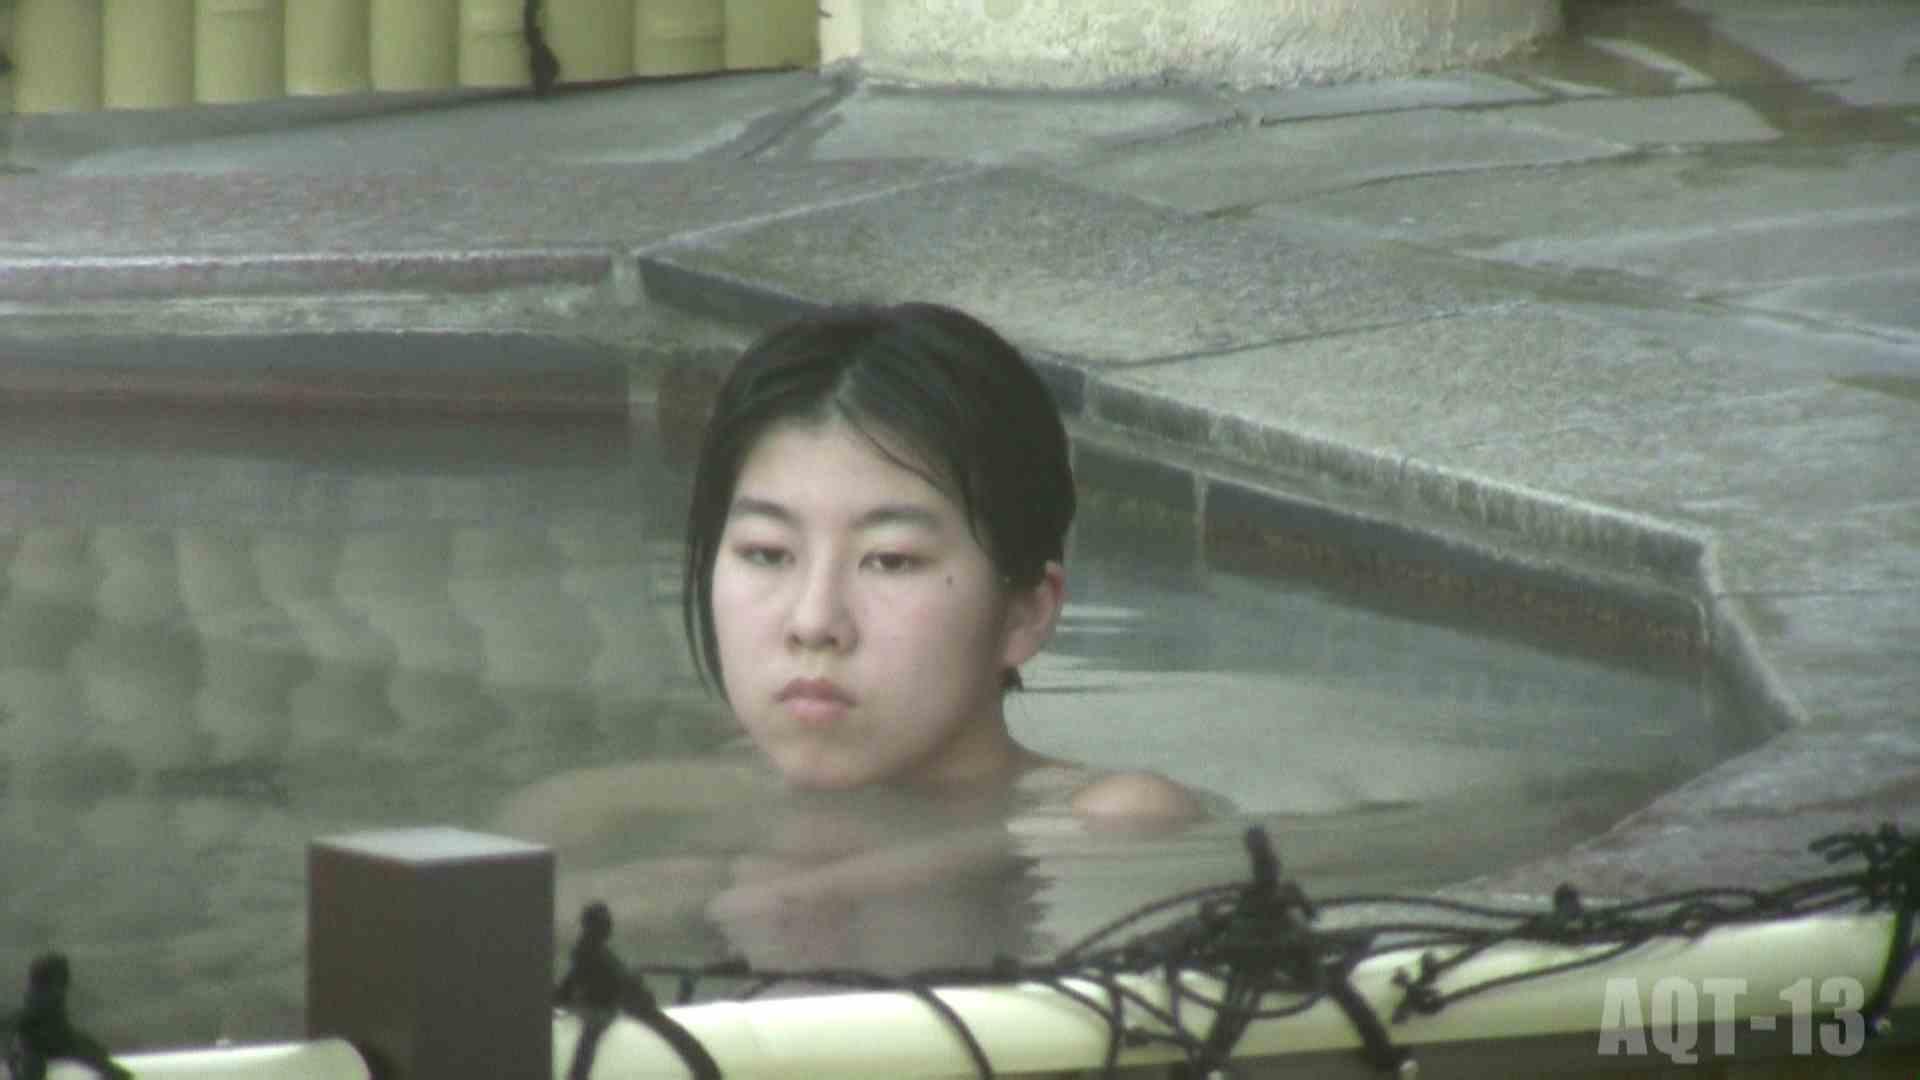 Aquaな露天風呂Vol.816 OLのエロ生活  90連発 33